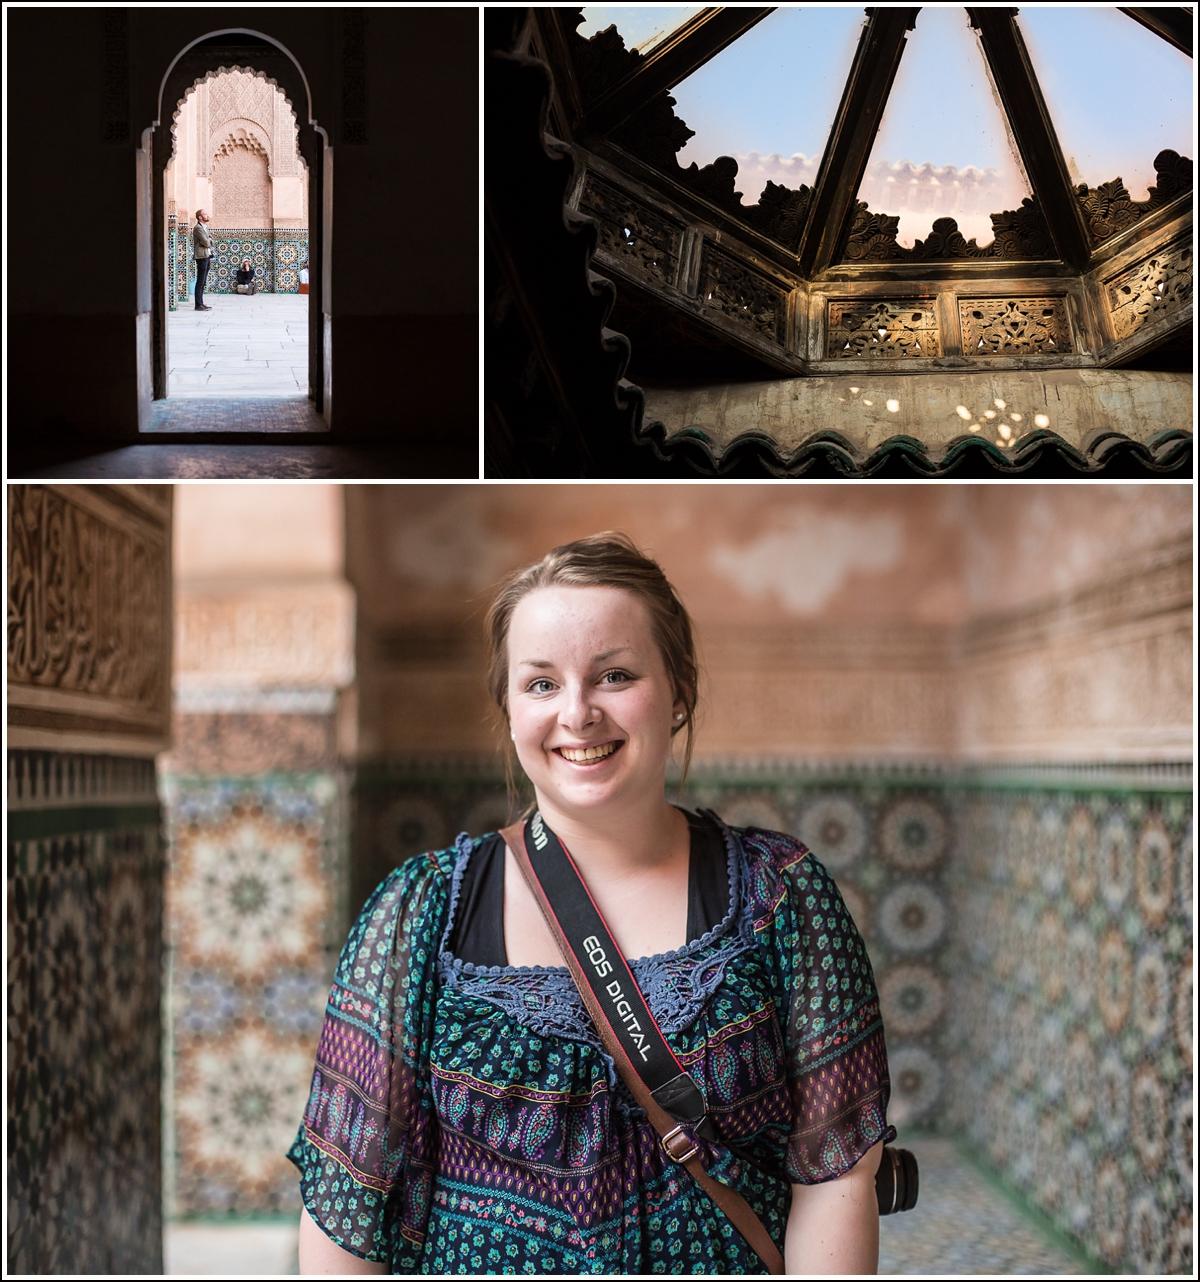 Ben-Youssef-Medersa-Koran-School-Marrakech1